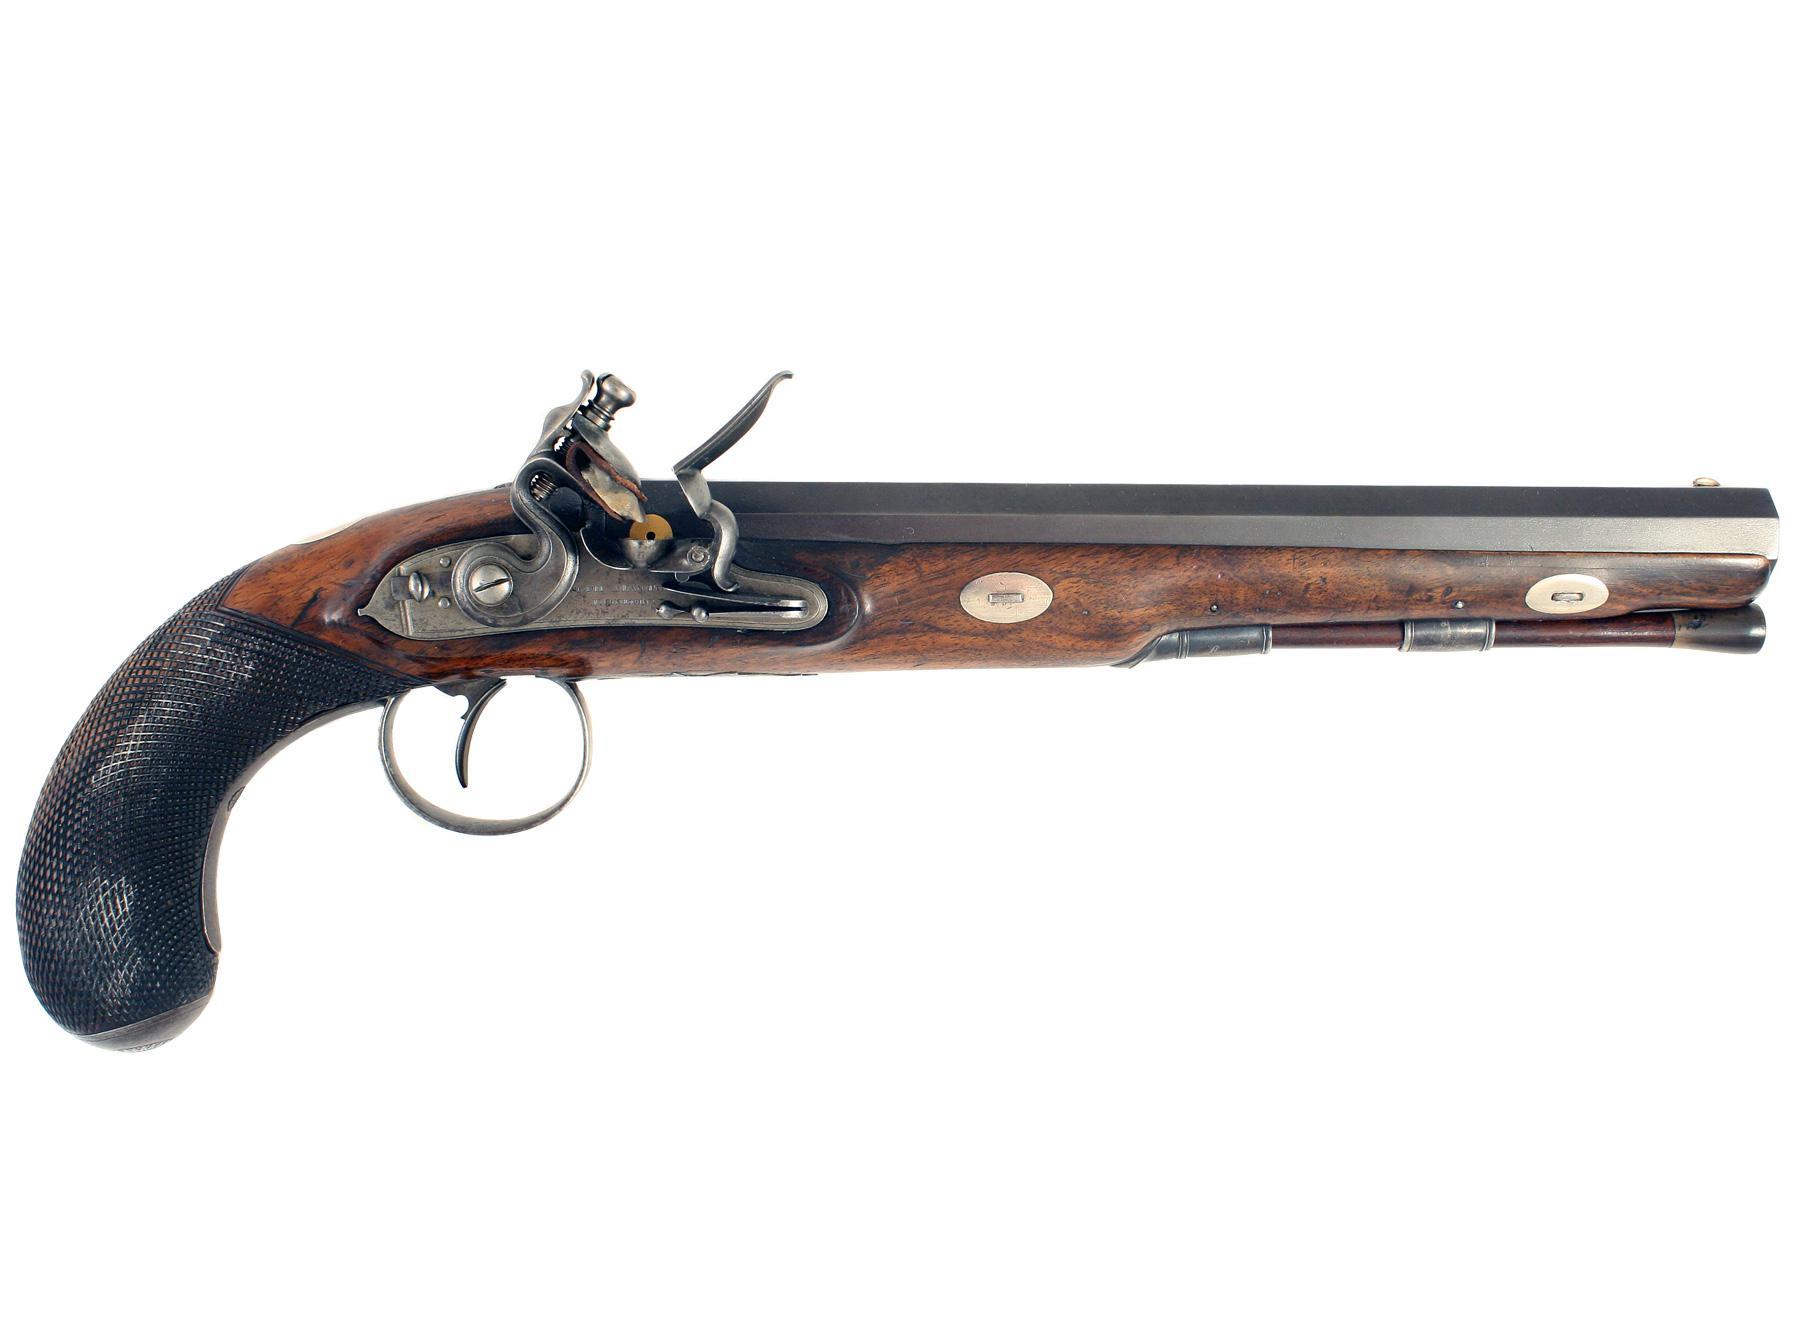 A Flintlock Duelling Pistol by Joe Manton